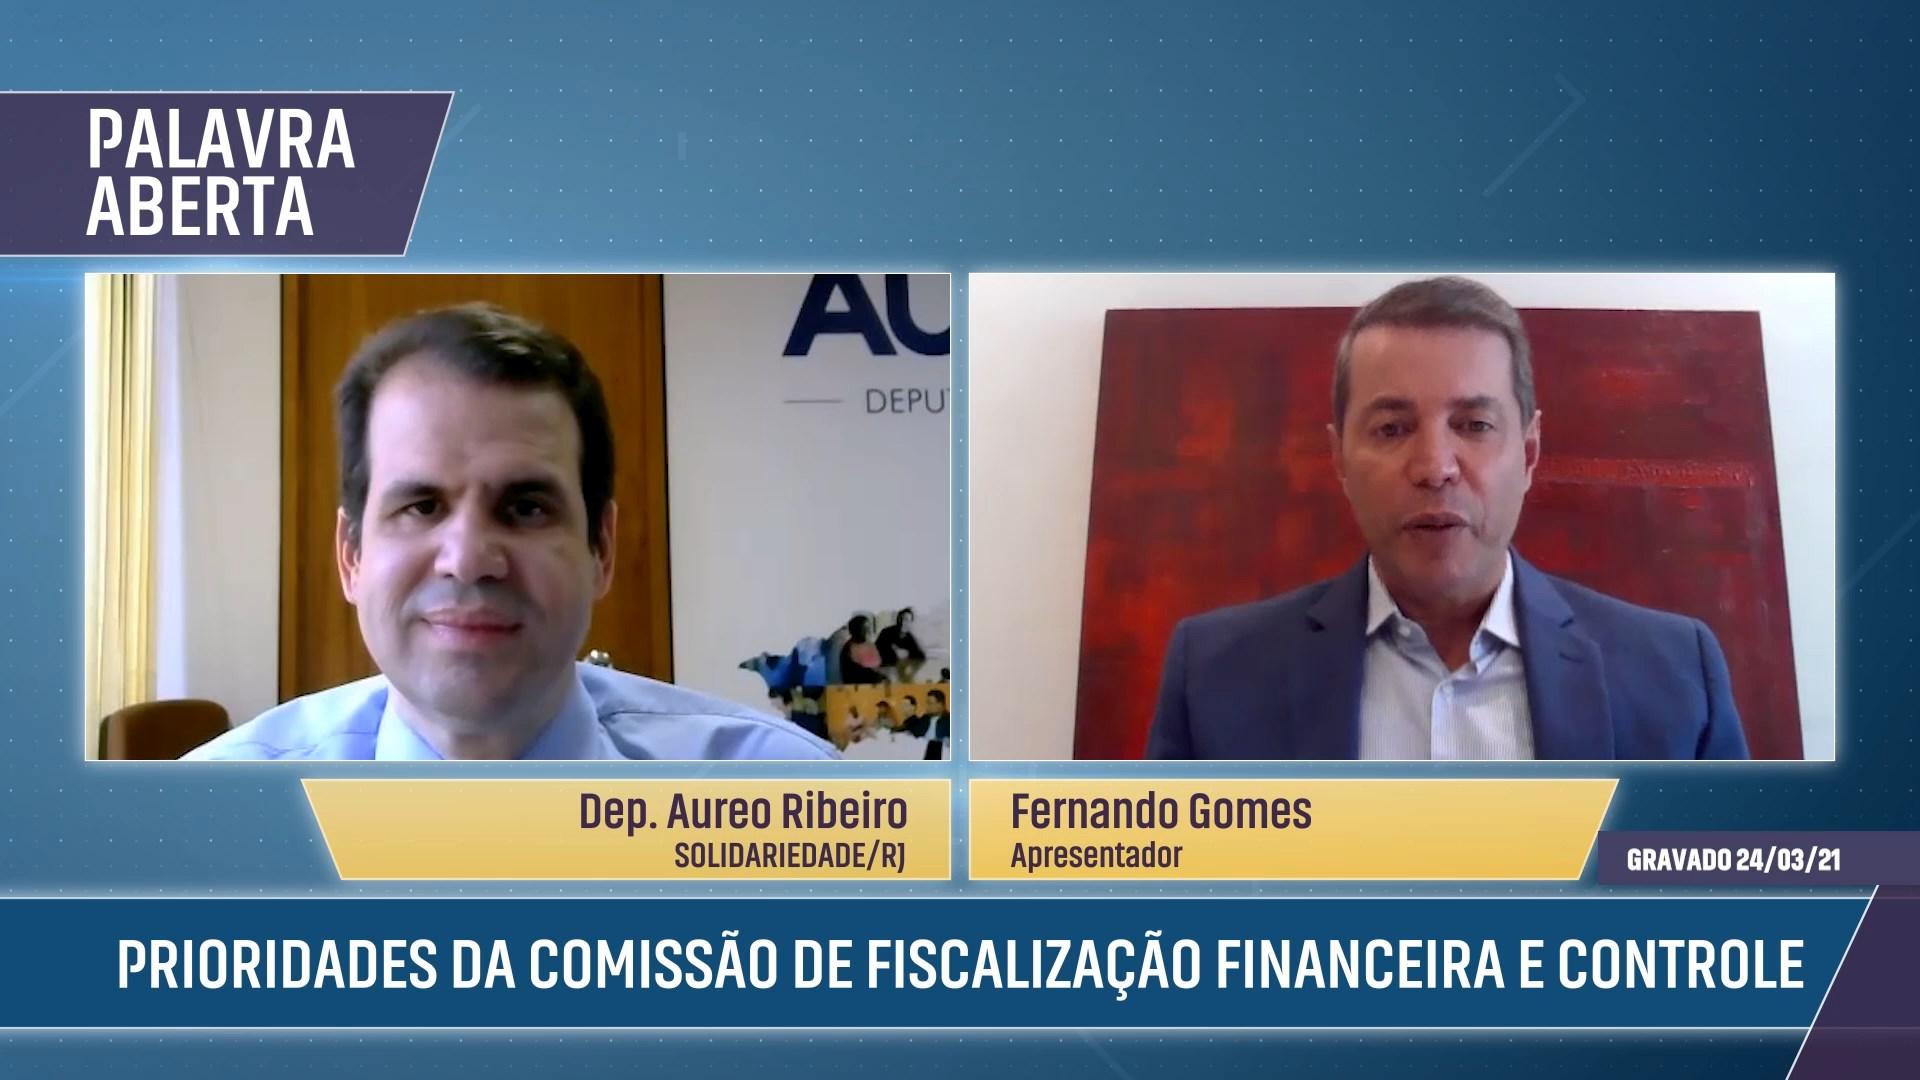 Prioridades da Comissão de Fiscalização Financeira e Controle